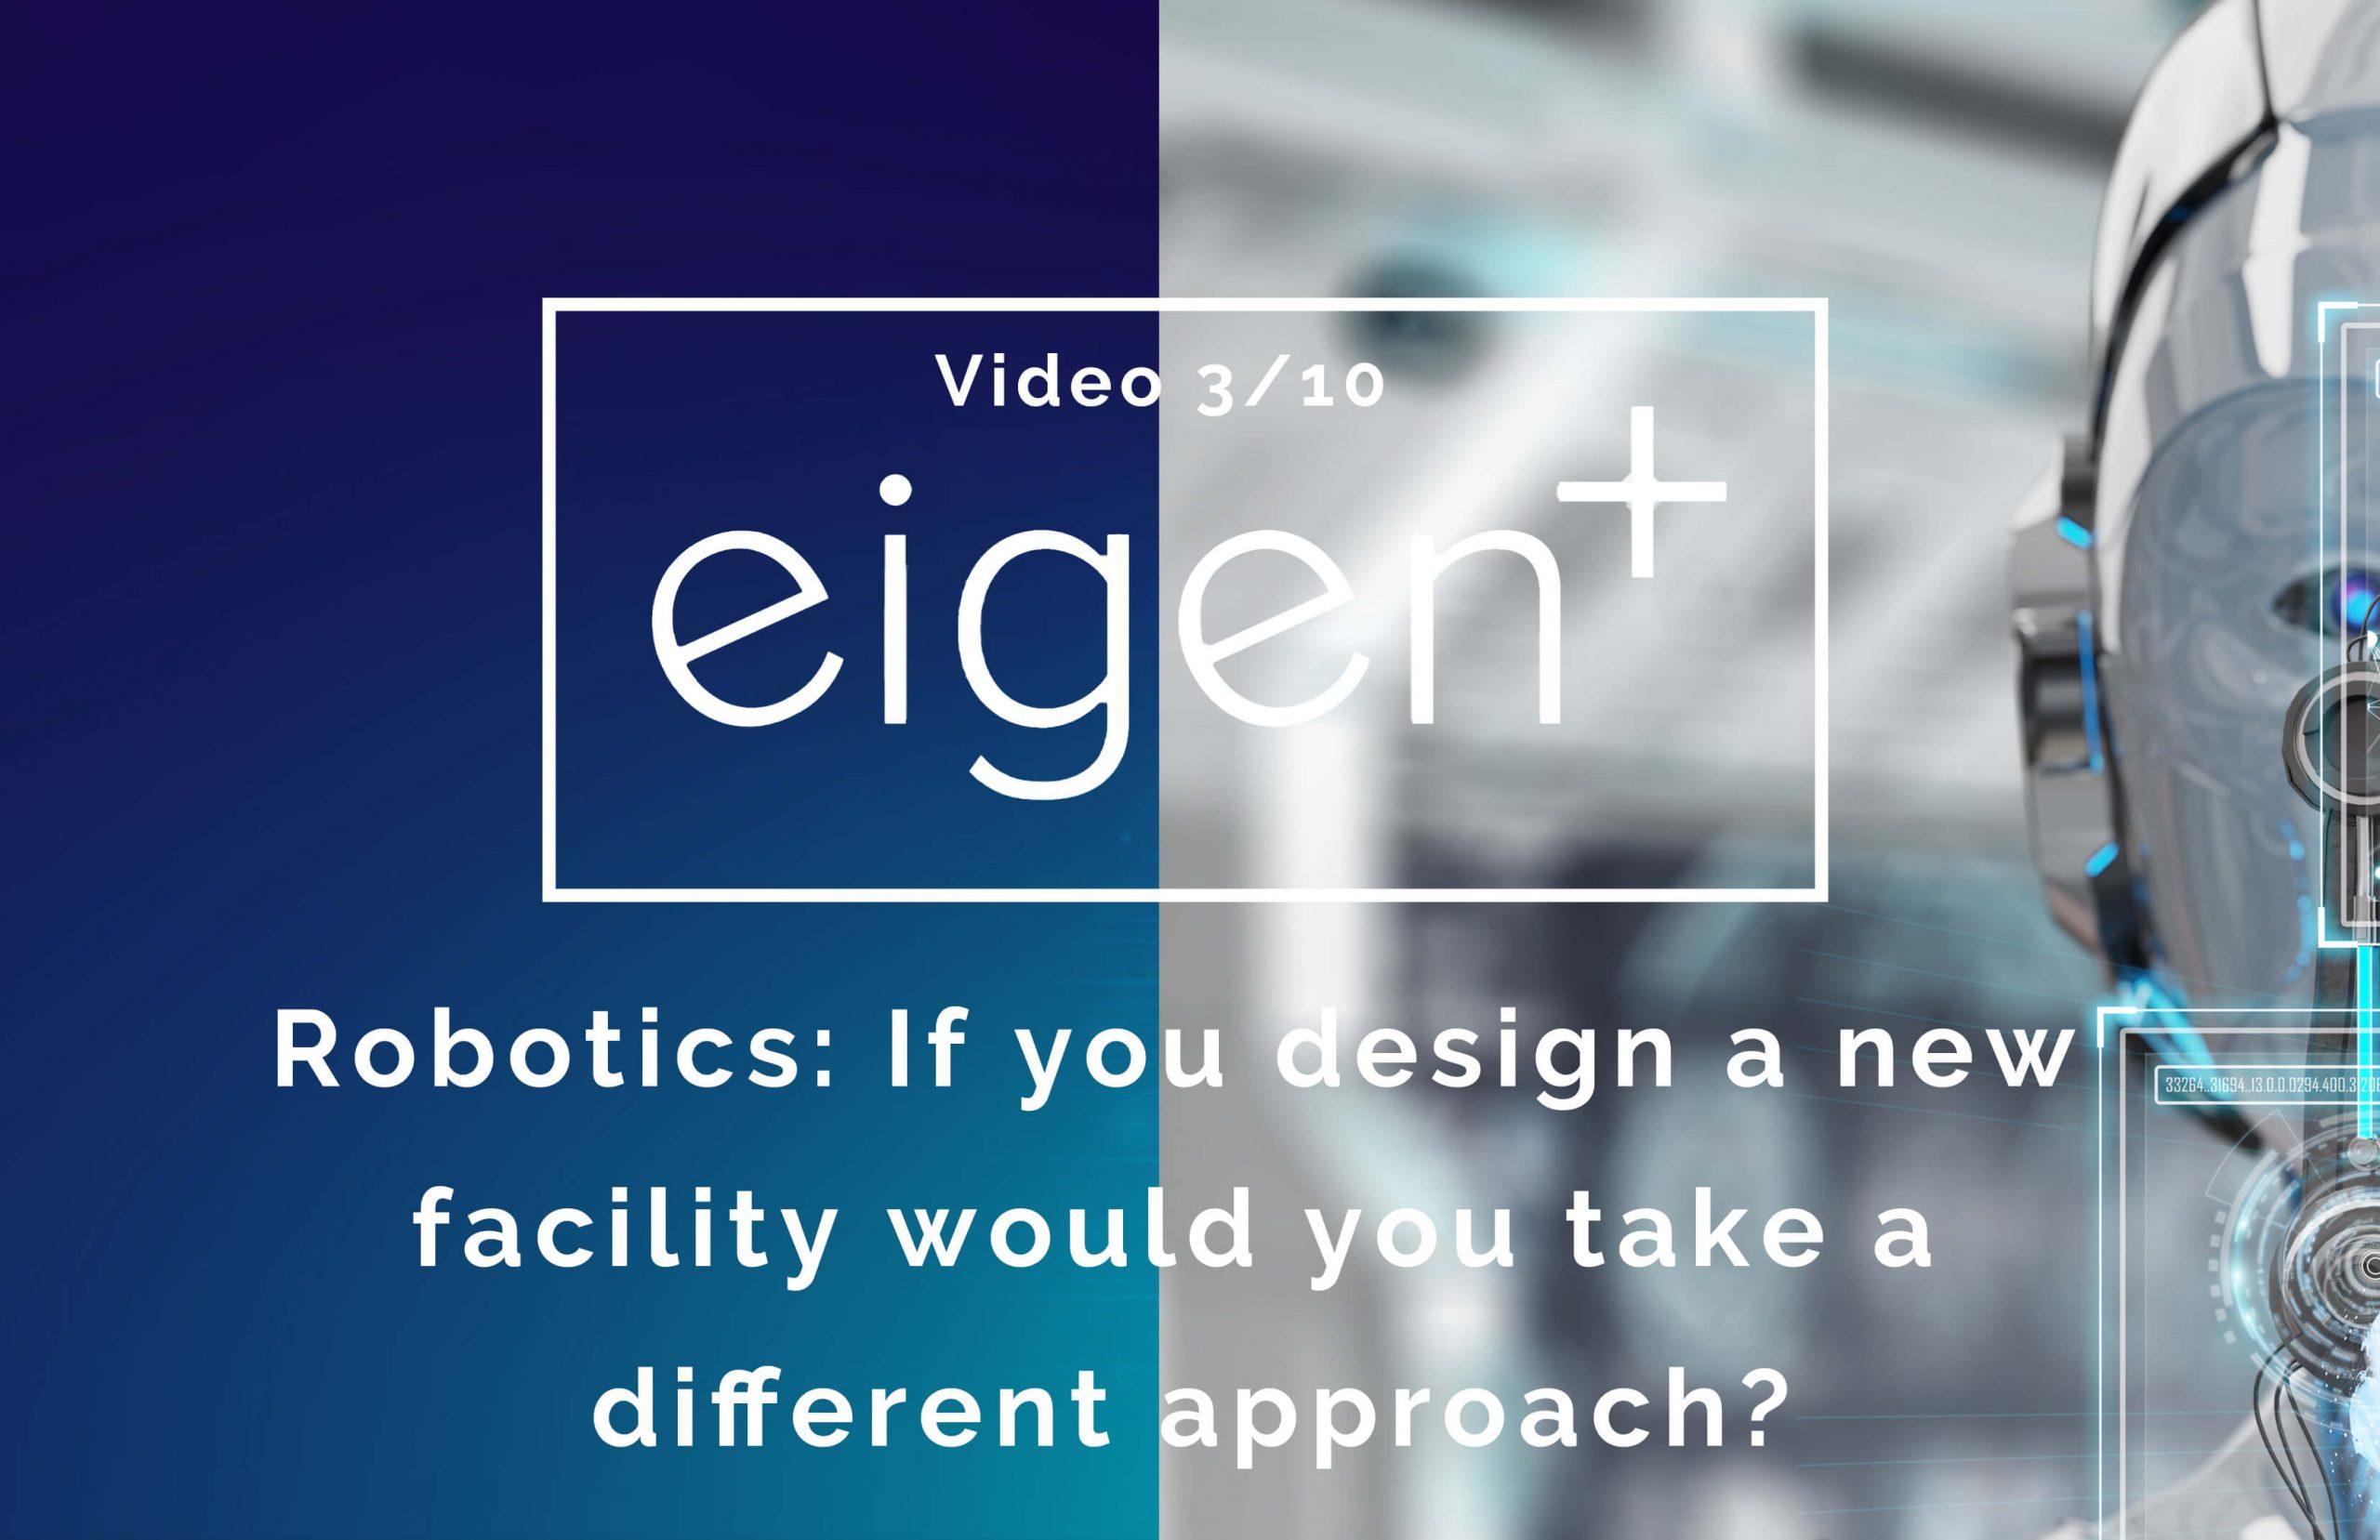 roboticsvideo3